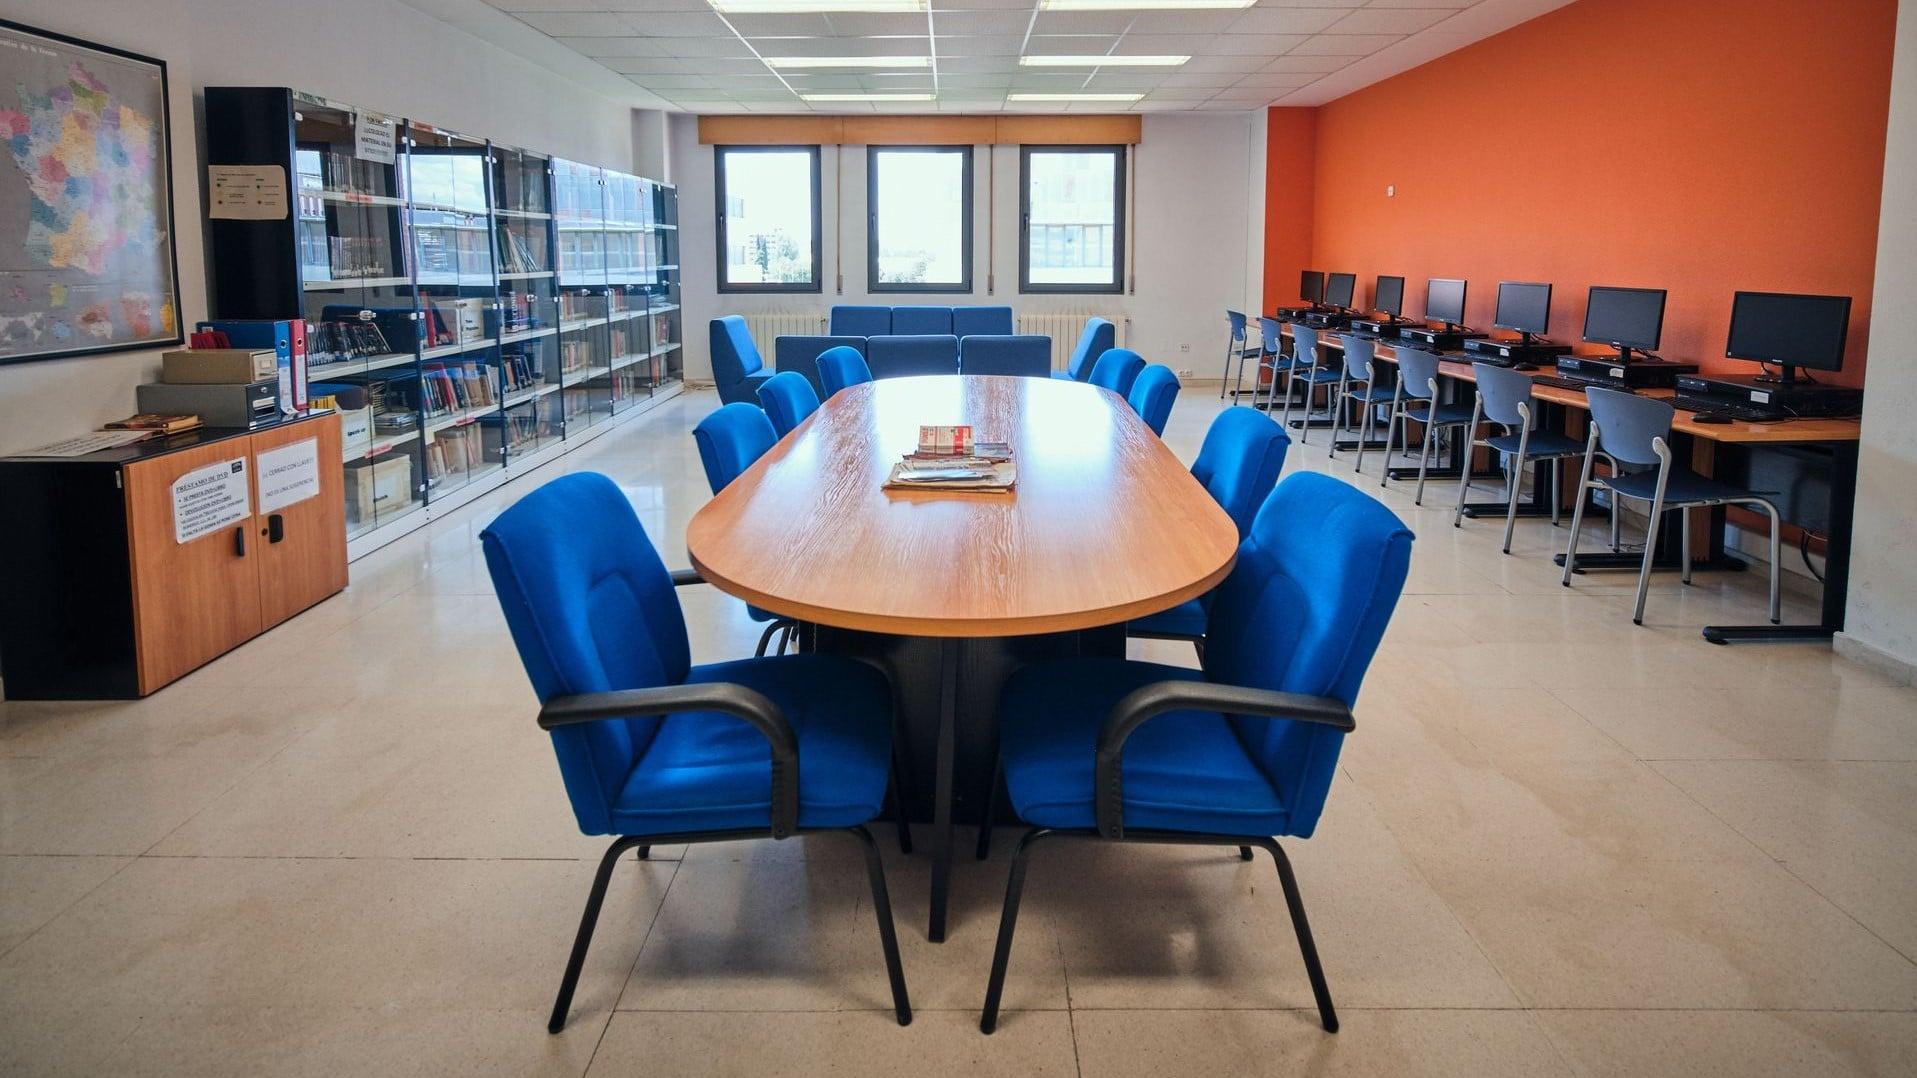 https://funge.uva.es/wp-content/uploads/2020/09/Biblioteca-Centro-de-Idiomas-de-la-Univerisdad-de-Valladolid-UVa-panorámica.jpg